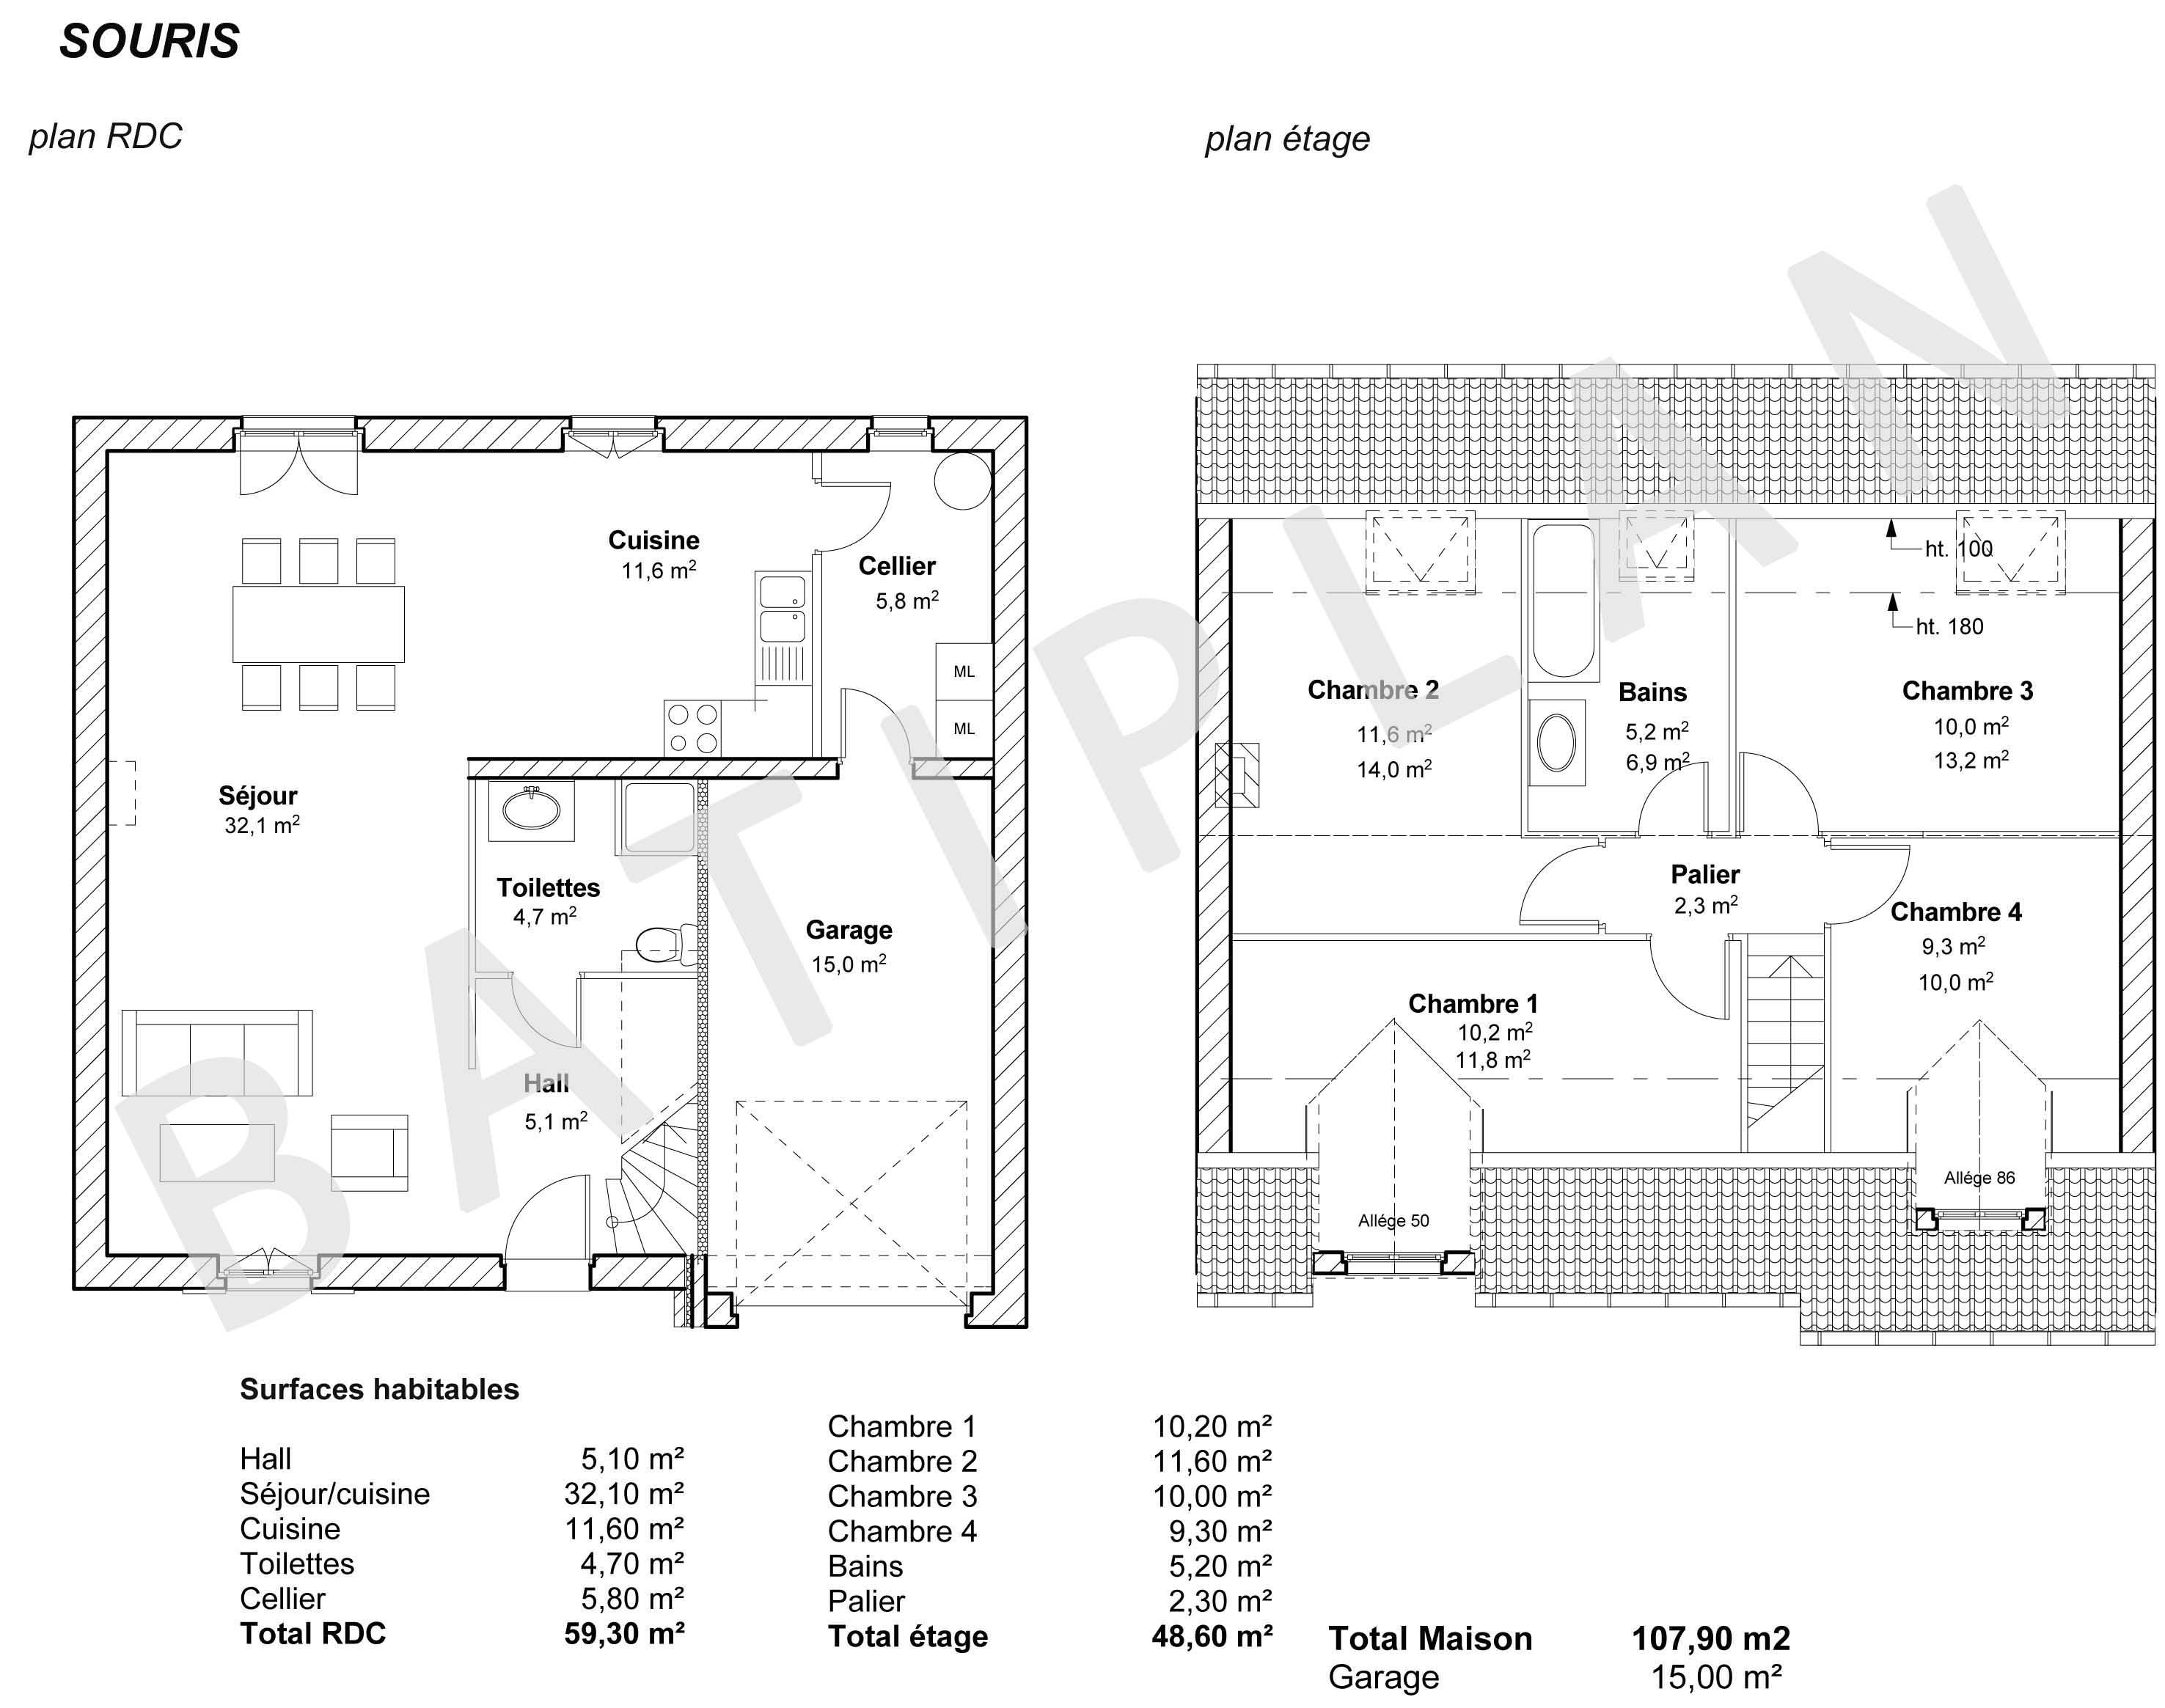 Plans et permis de construire notre plan de maison souris for Plan de maison a construire